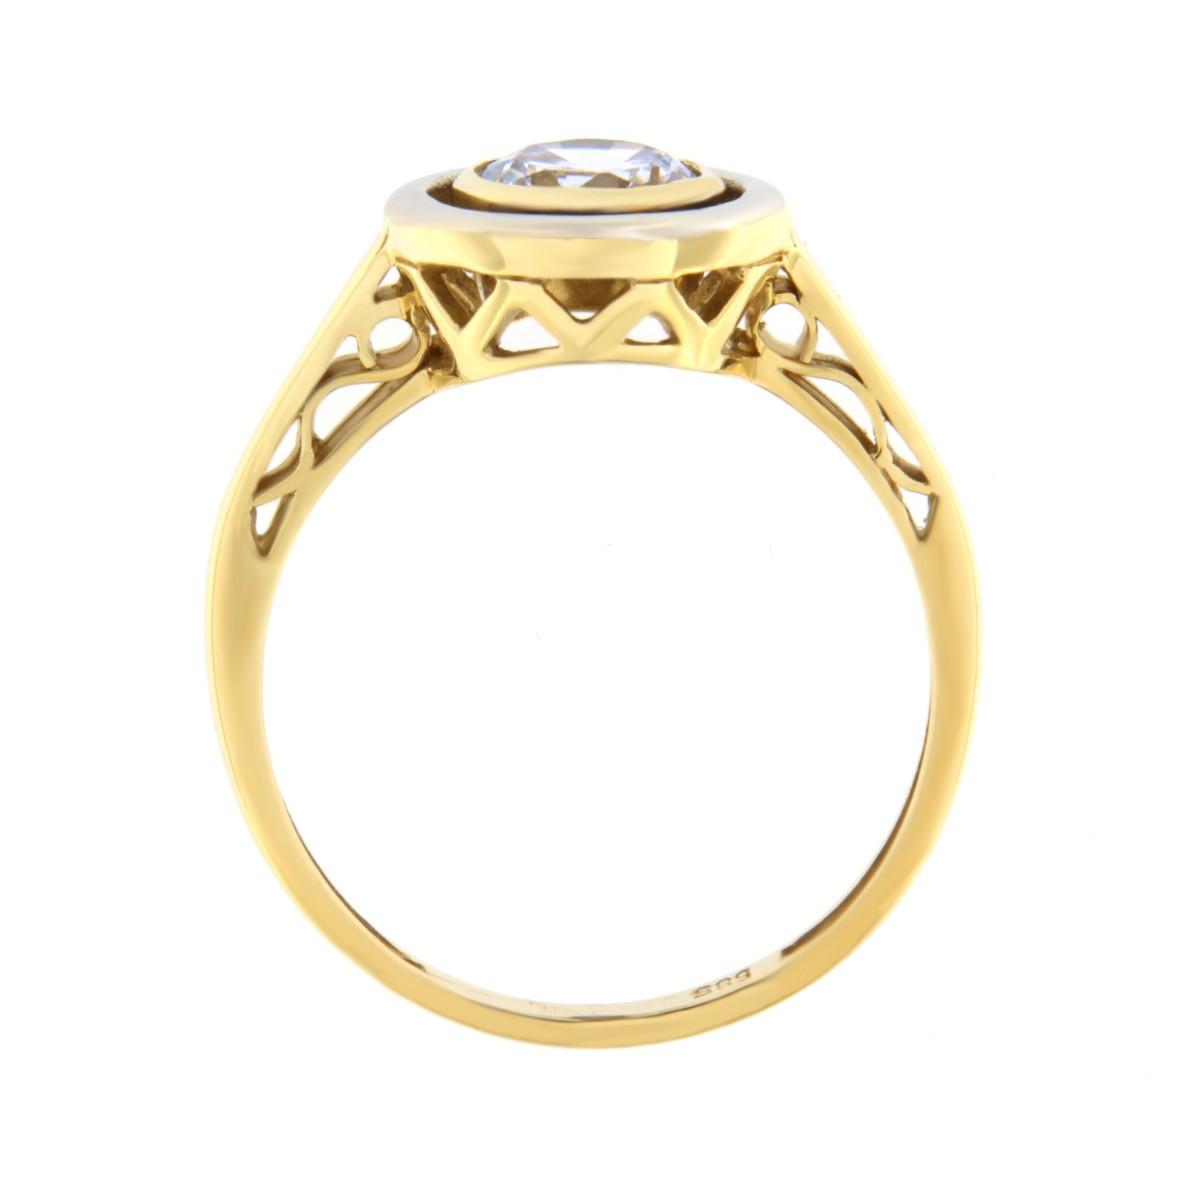 Kullast sõrmus tsirkooniga Kood: 455wp489 külg